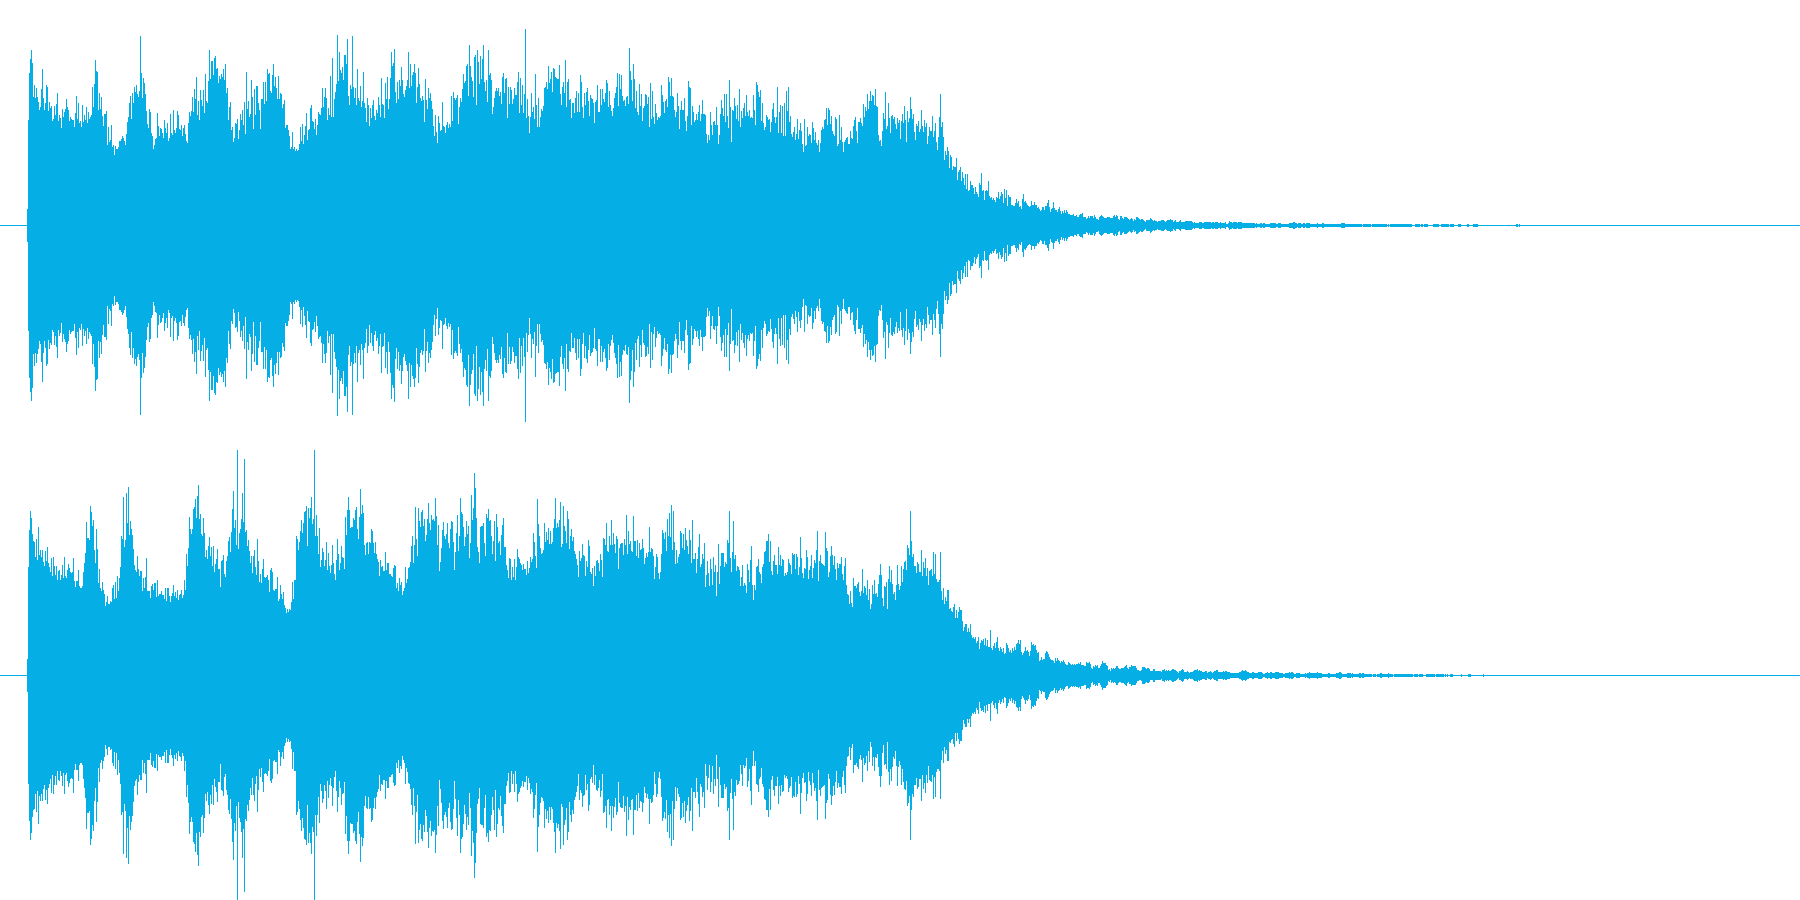 ピュゥゥゥゥゥ(魔法音)の再生済みの波形